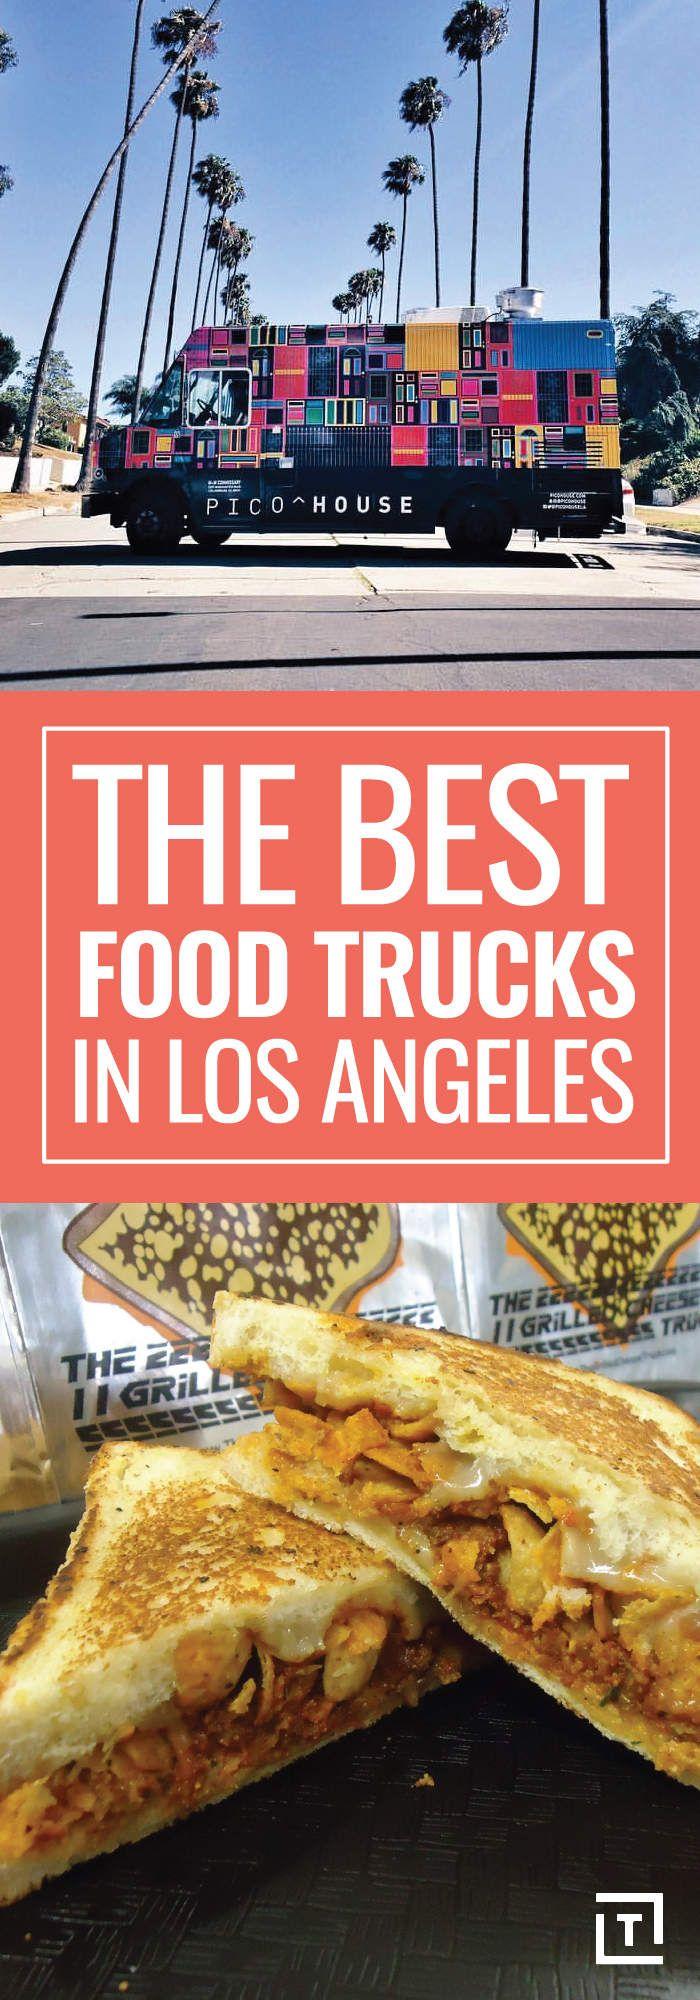 THE BEST FOOD TRUCKS IN LA - Thrillist